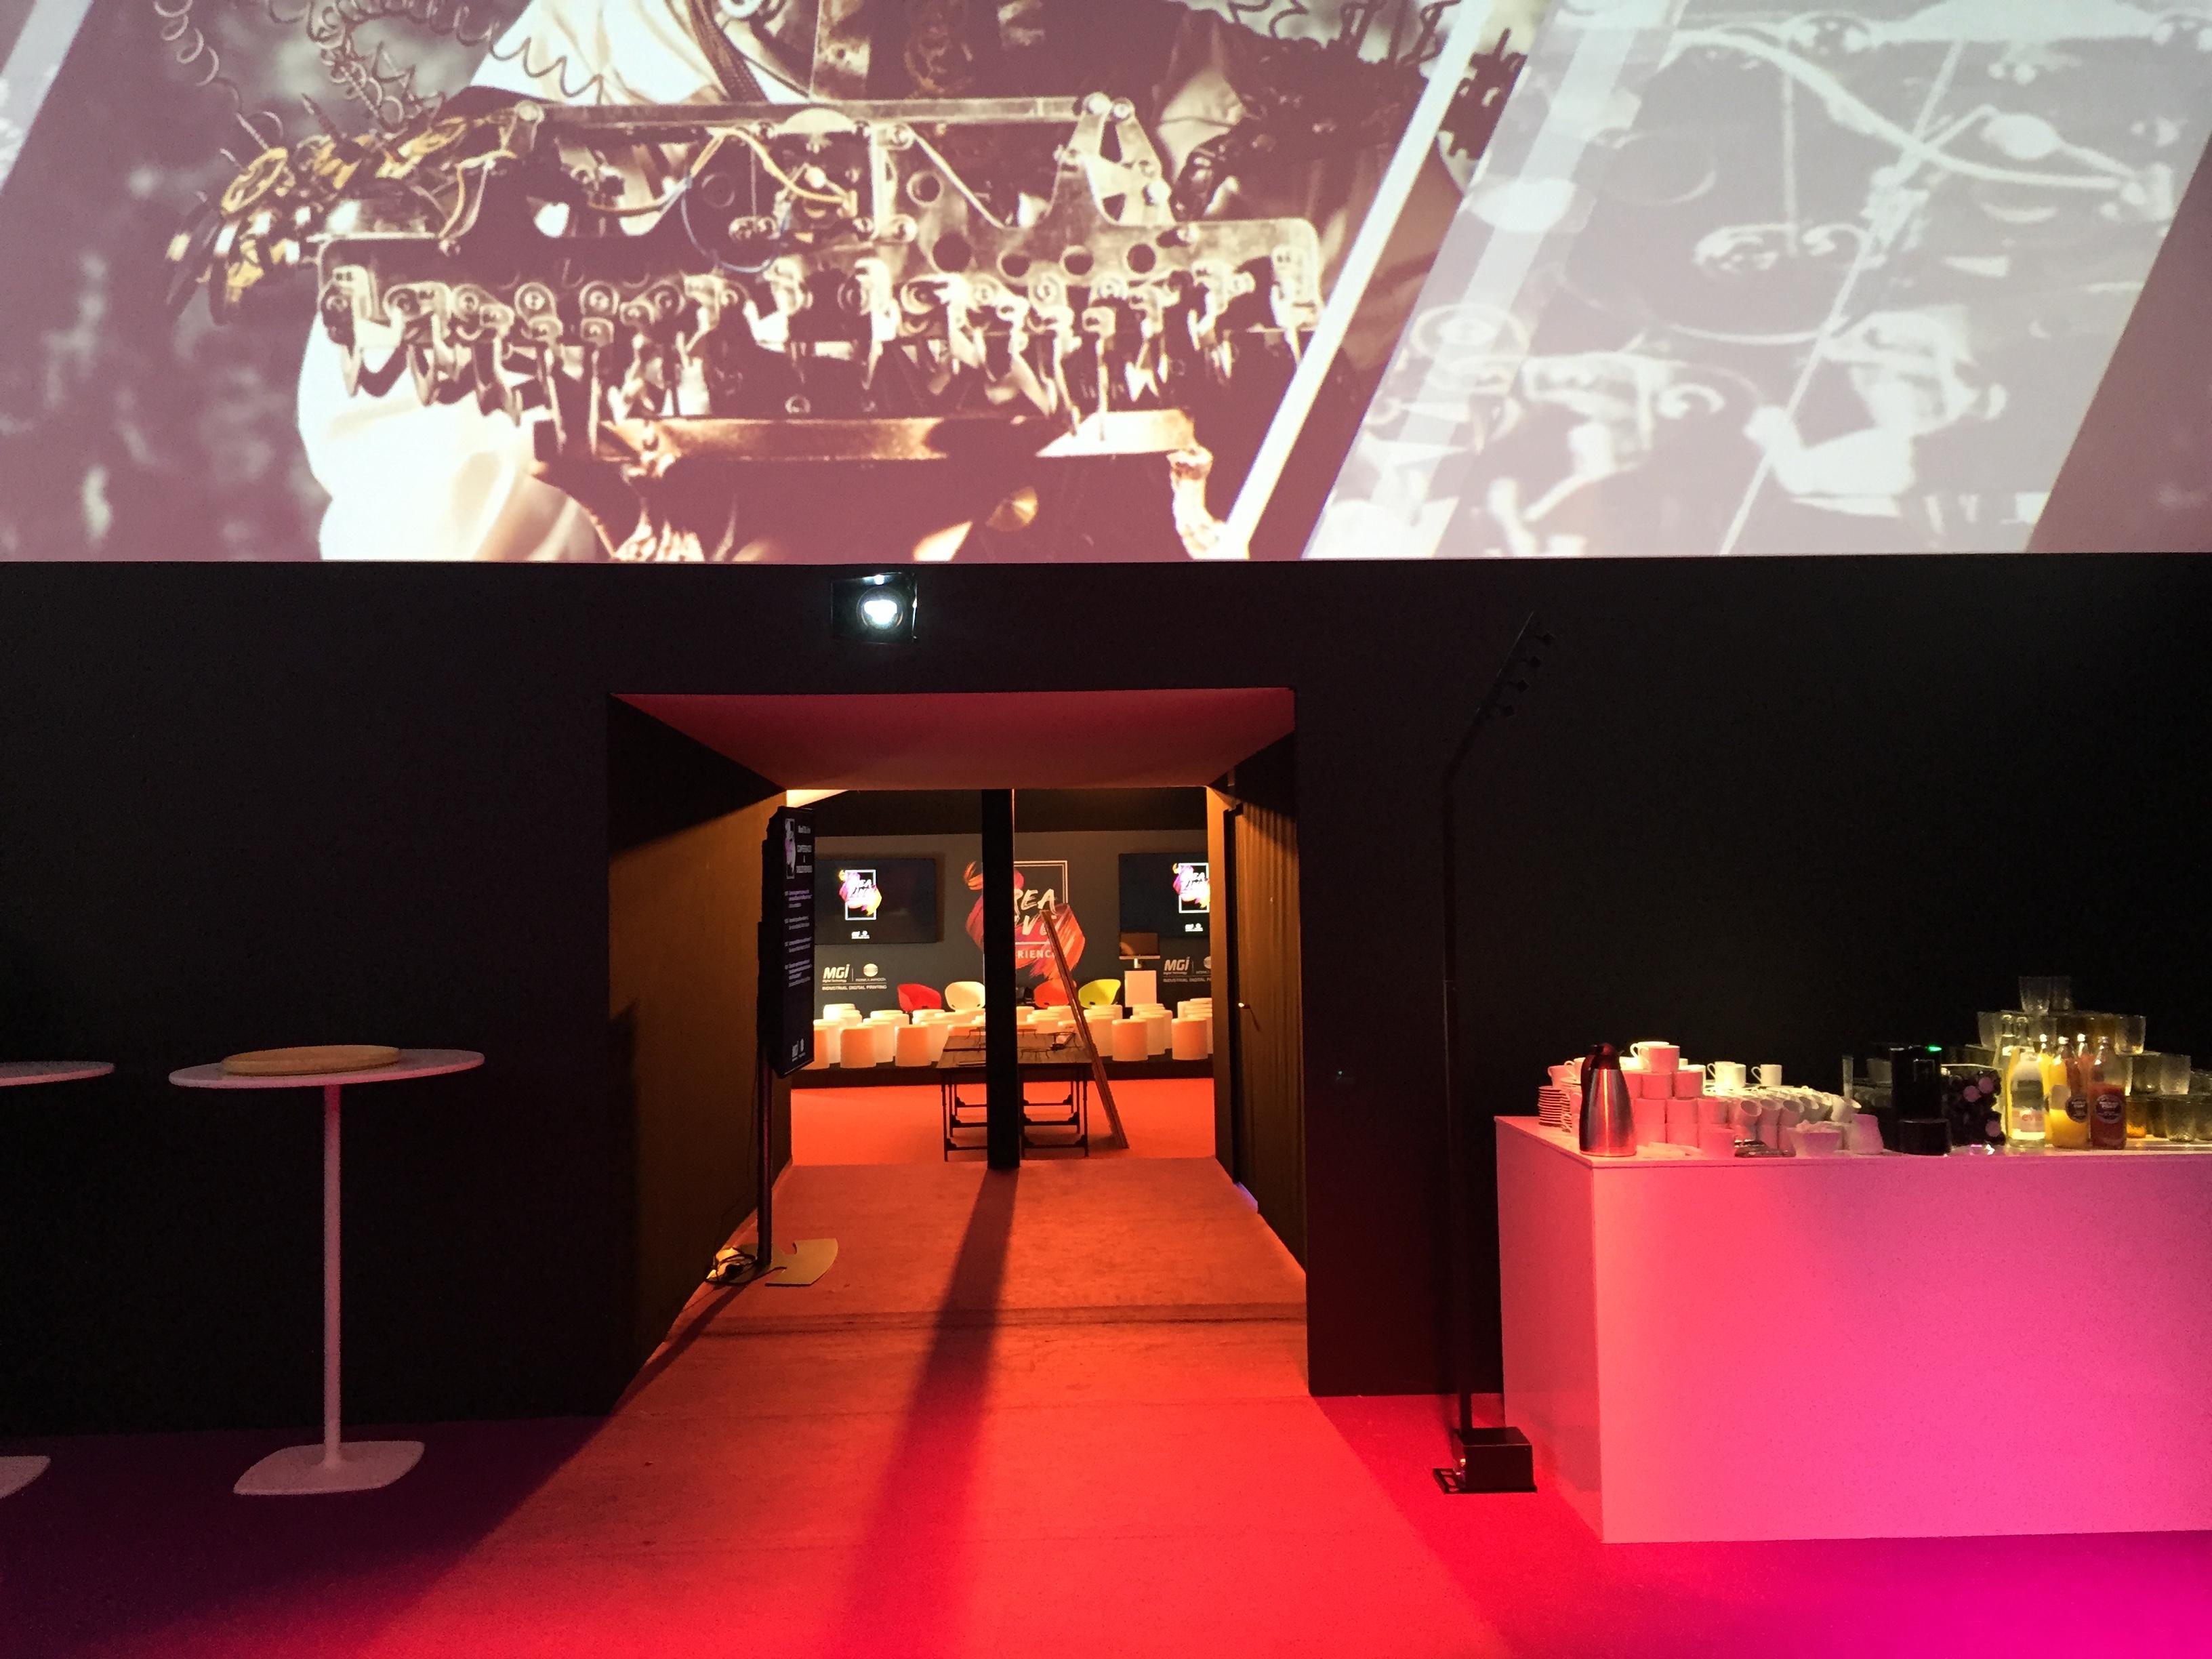 aucop-event-technique-audiovisuel-video-eclairage-sonorisation-deco-konica minolta-comsquare-projecteur-ecran 360-dais daccueil